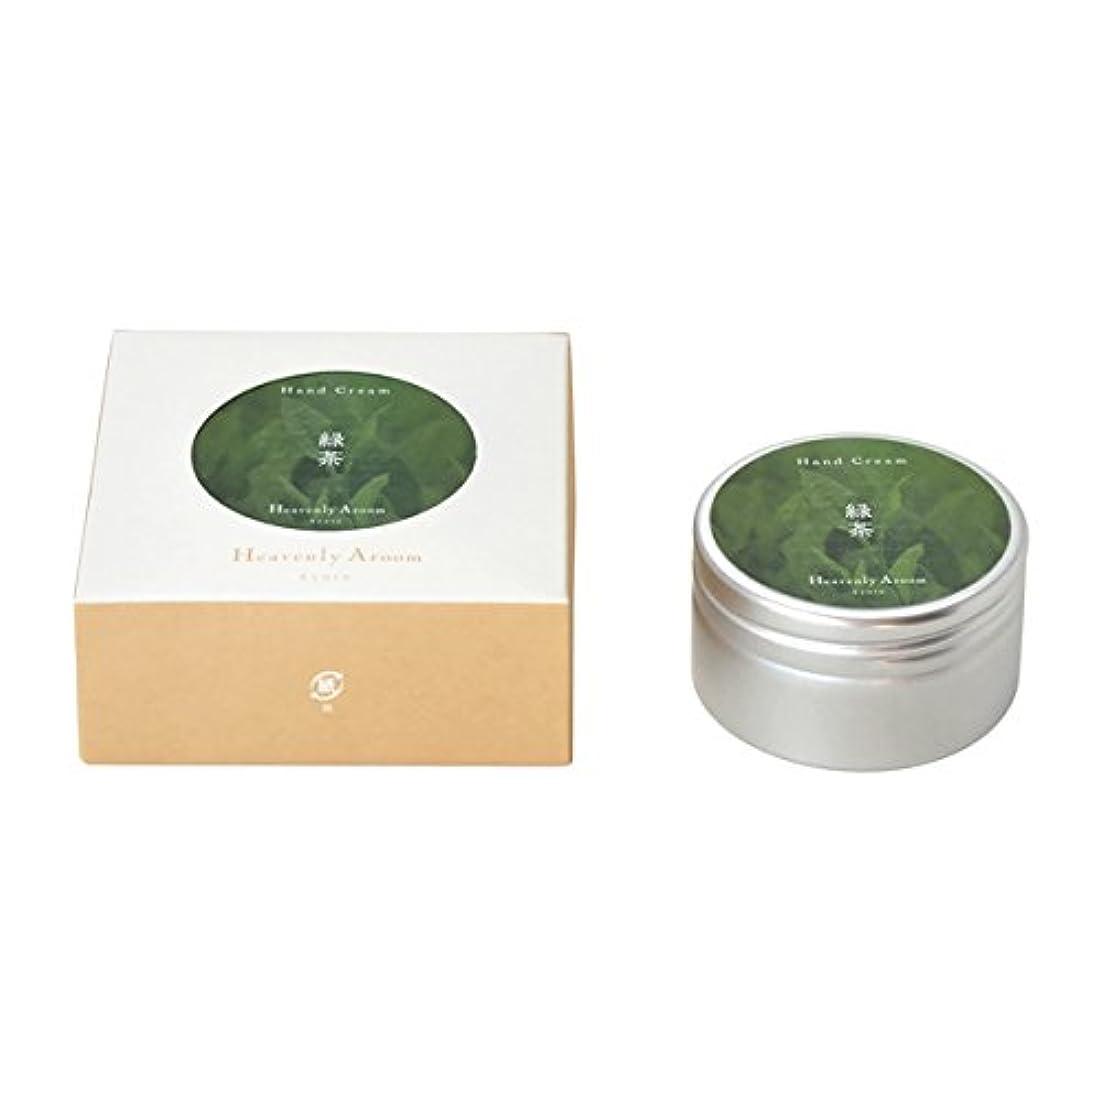 味わうましい出撃者Heavenly Aroom ハンドクリーム 緑茶 30g